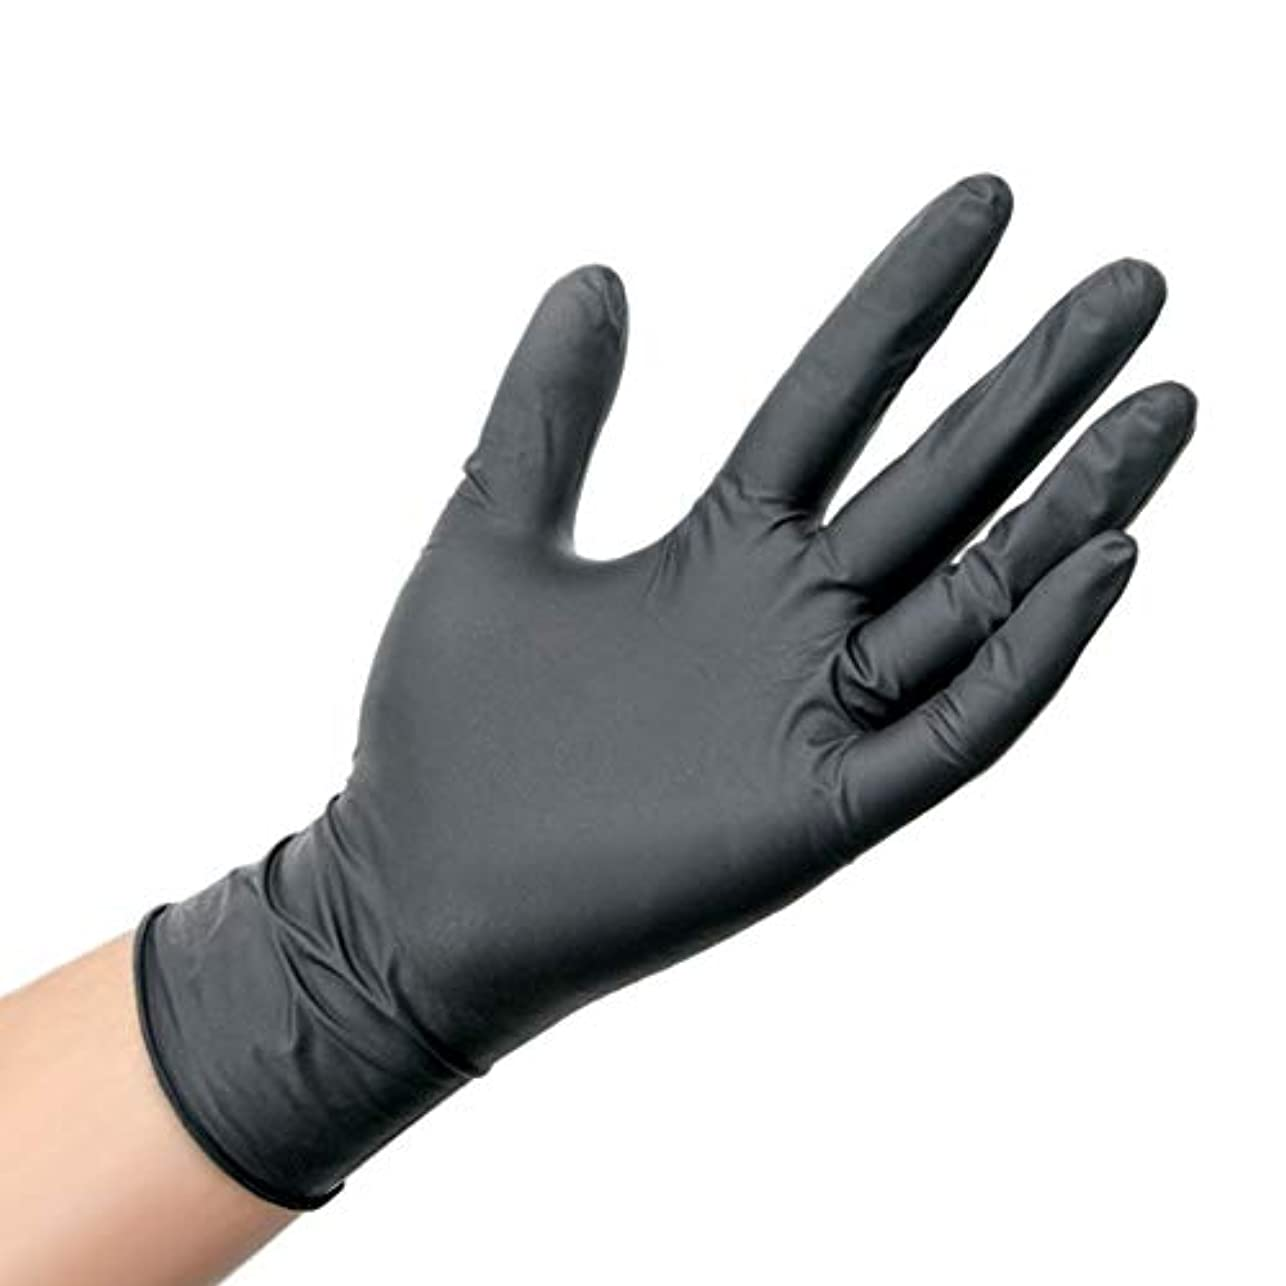 ぼろ力短くする肥厚した抗酸とアルカリの帯電防止保護手袋使い捨て工業用ニトリルゴム手袋 YANW (色 : ブラック, サイズ さいず : M m)